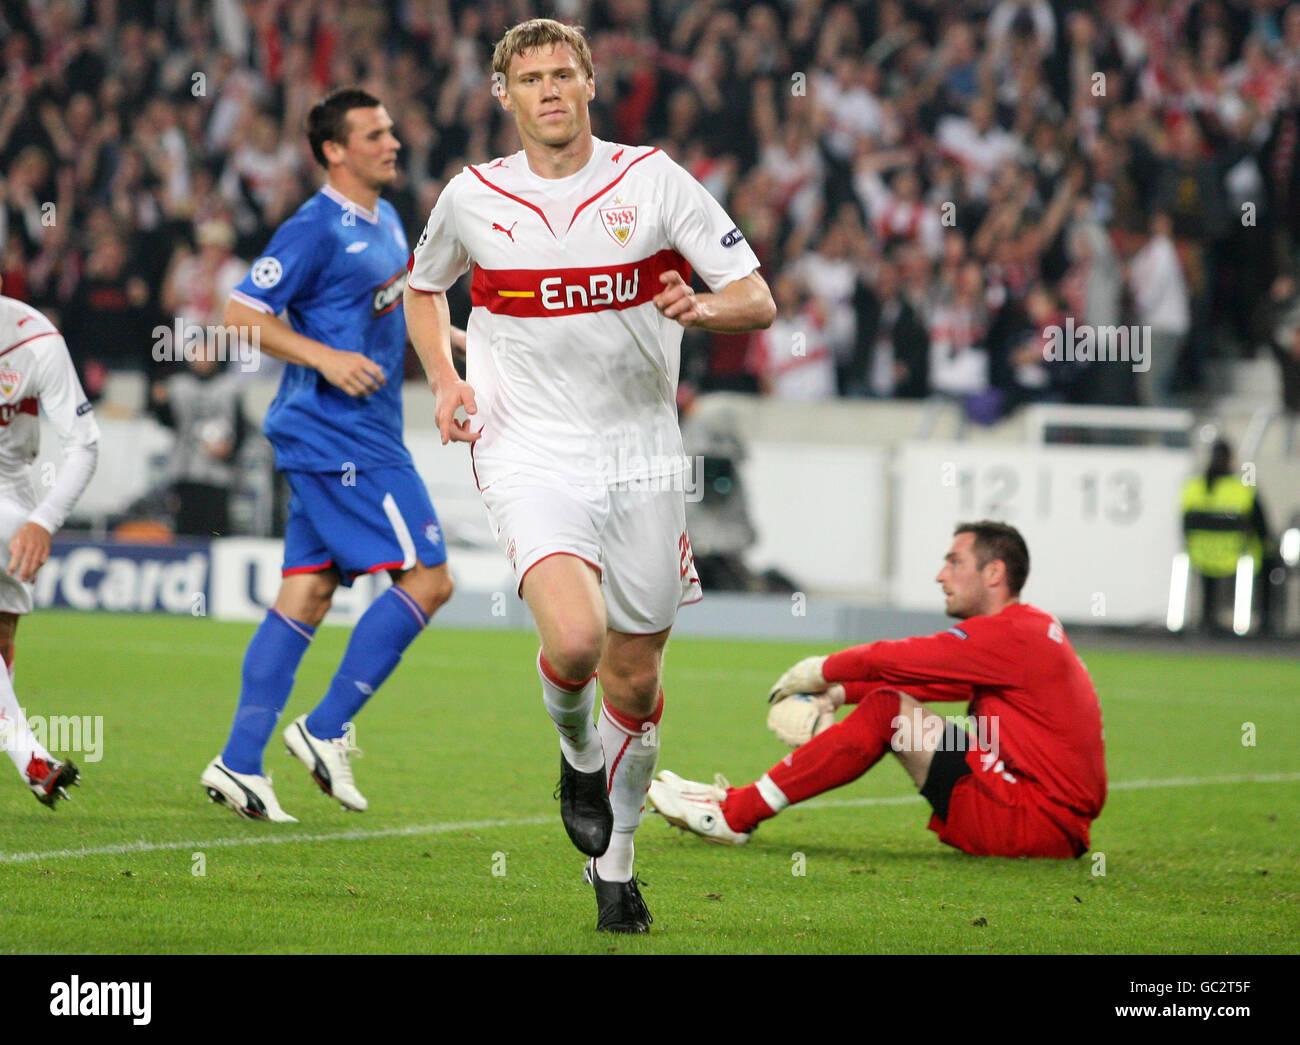 Soccer Uefa Champions League Group G Vfb Stuttgart V Rangers Stock Photo Alamy